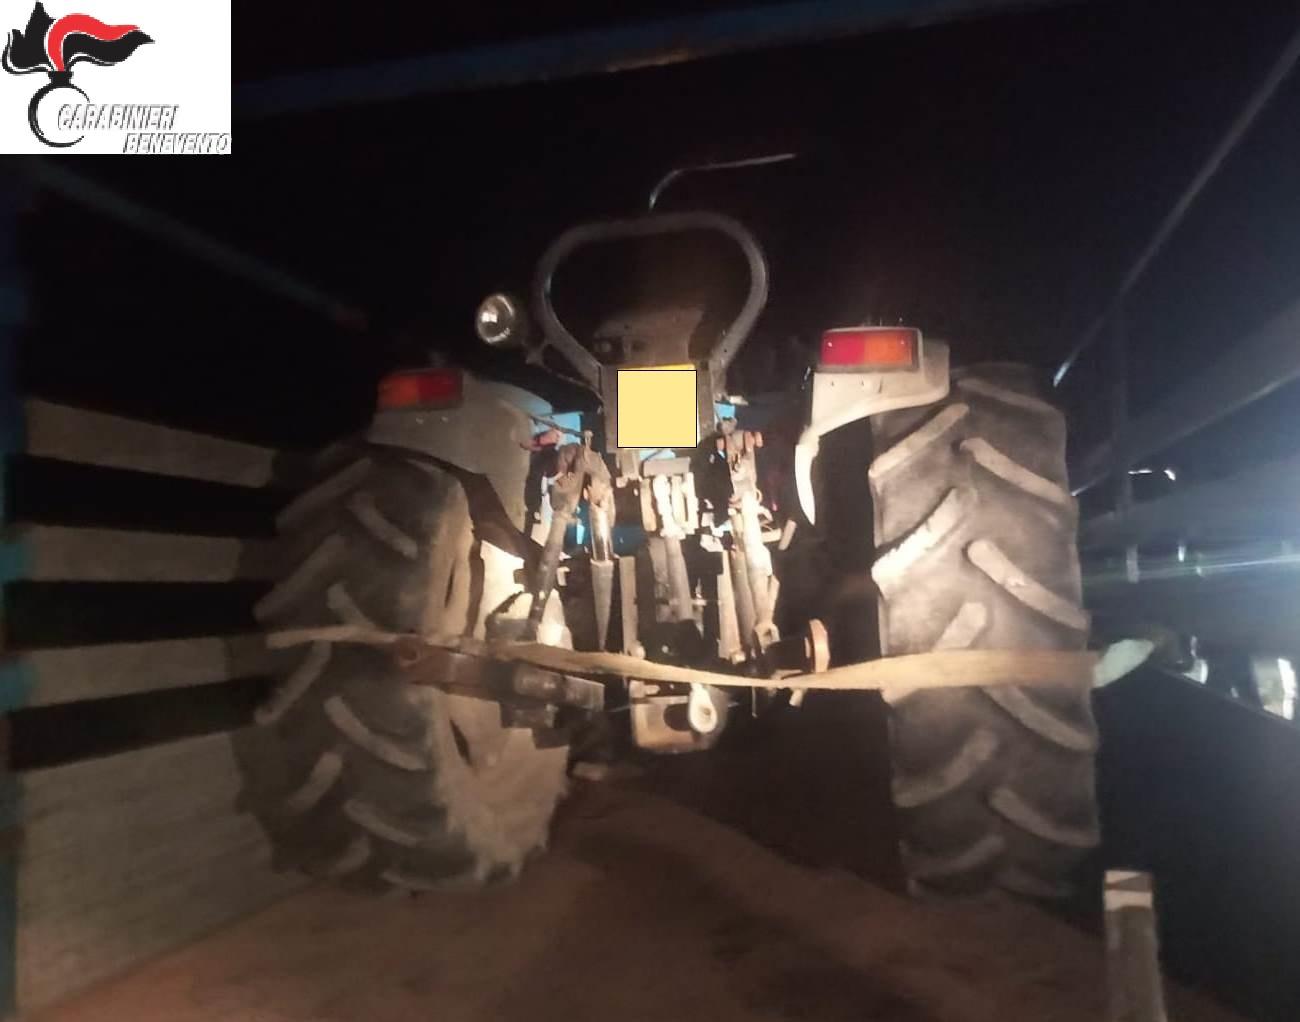 Ritrovati i trattori e l'autocarro rubati al Parco naturalistico del Volturno di Amorosi